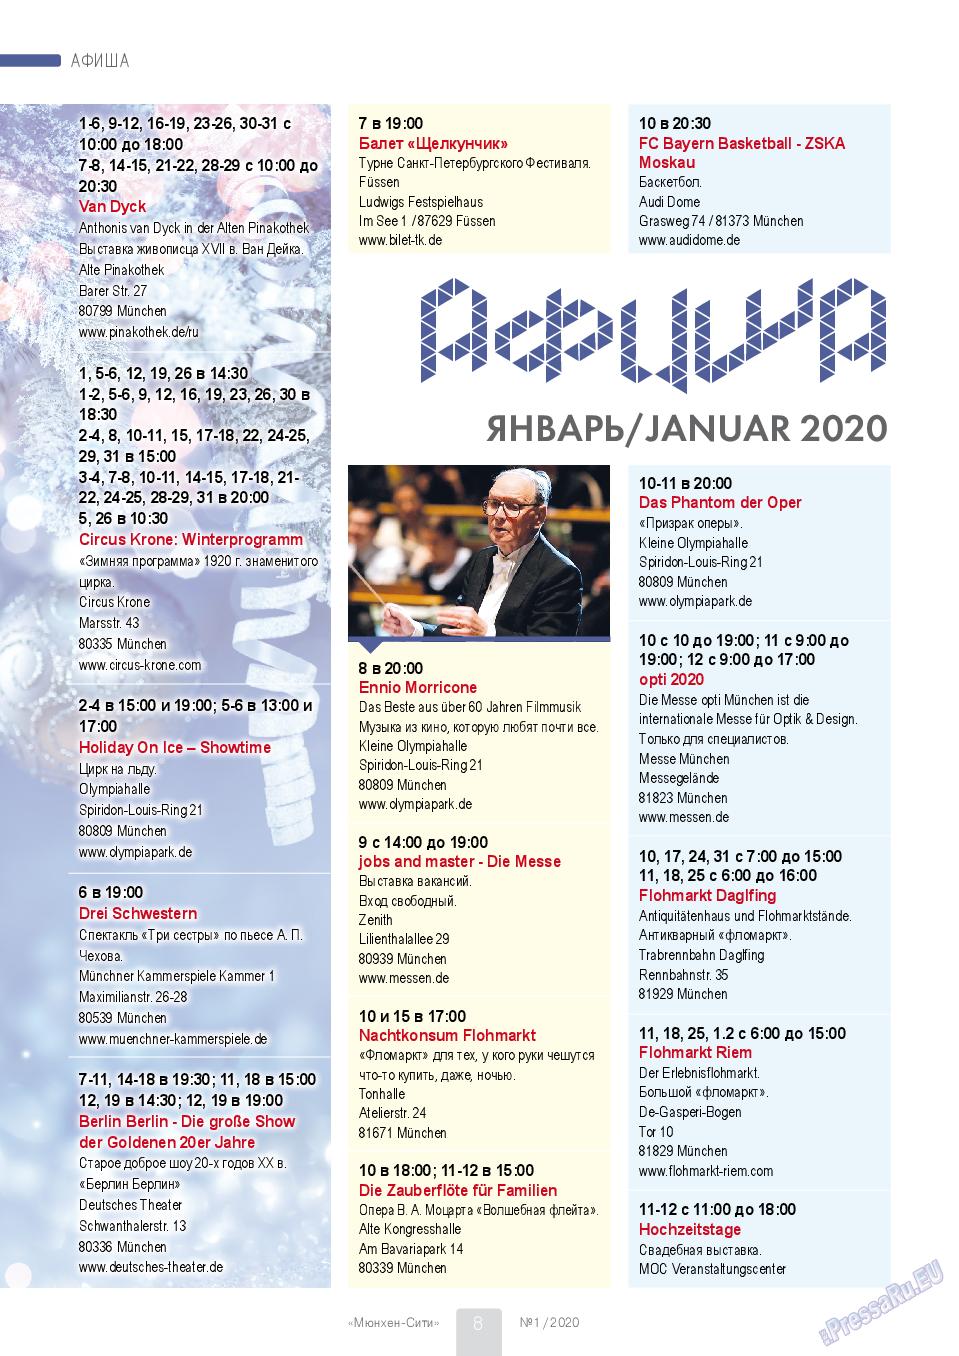 Мюнхен-сити (журнал). 2020 год, номер 100, стр. 8